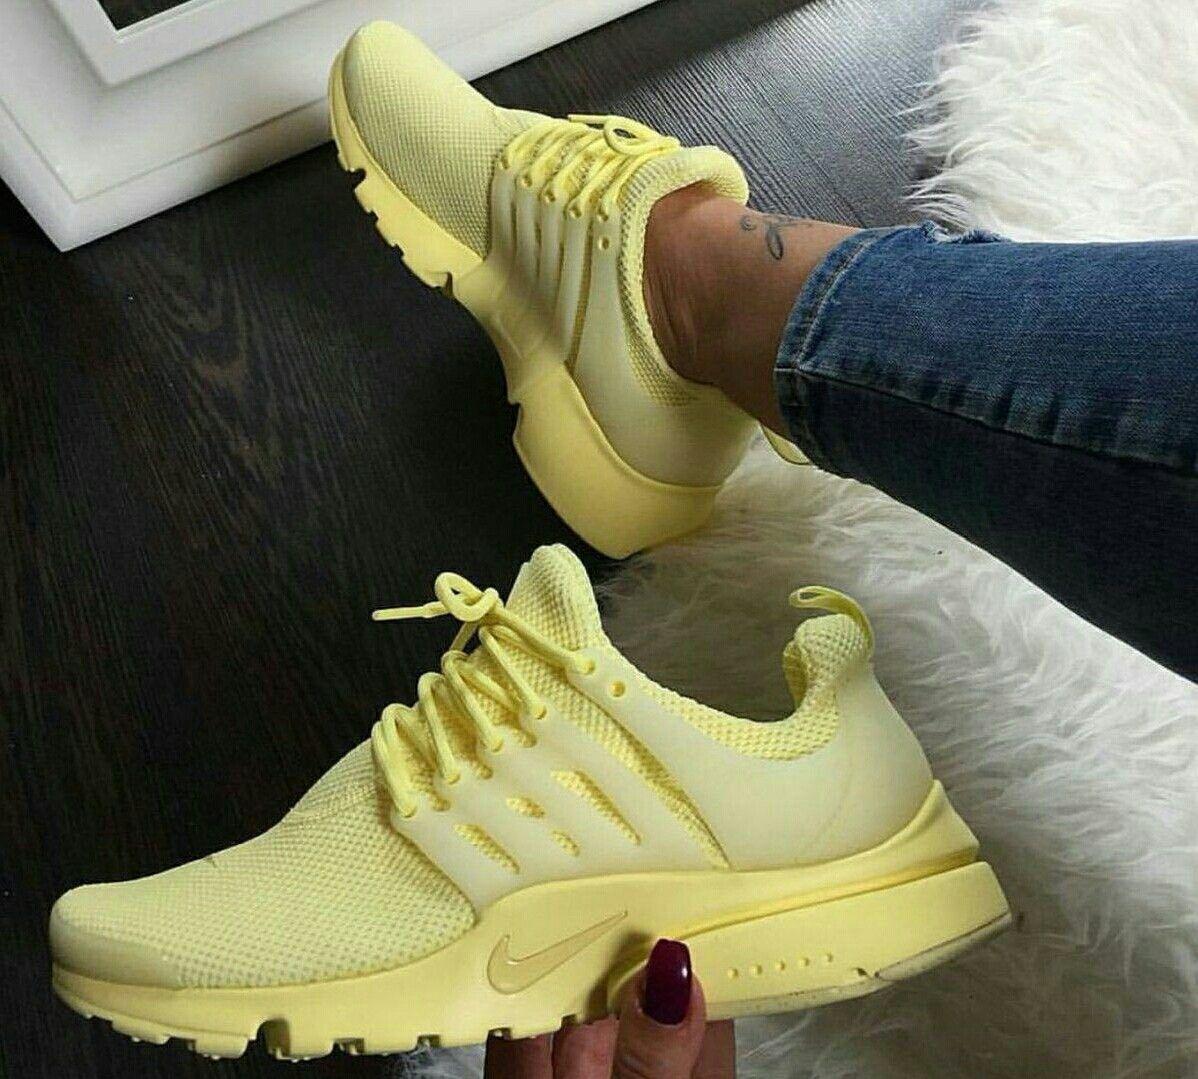 zapatillas nike amarillas mujer